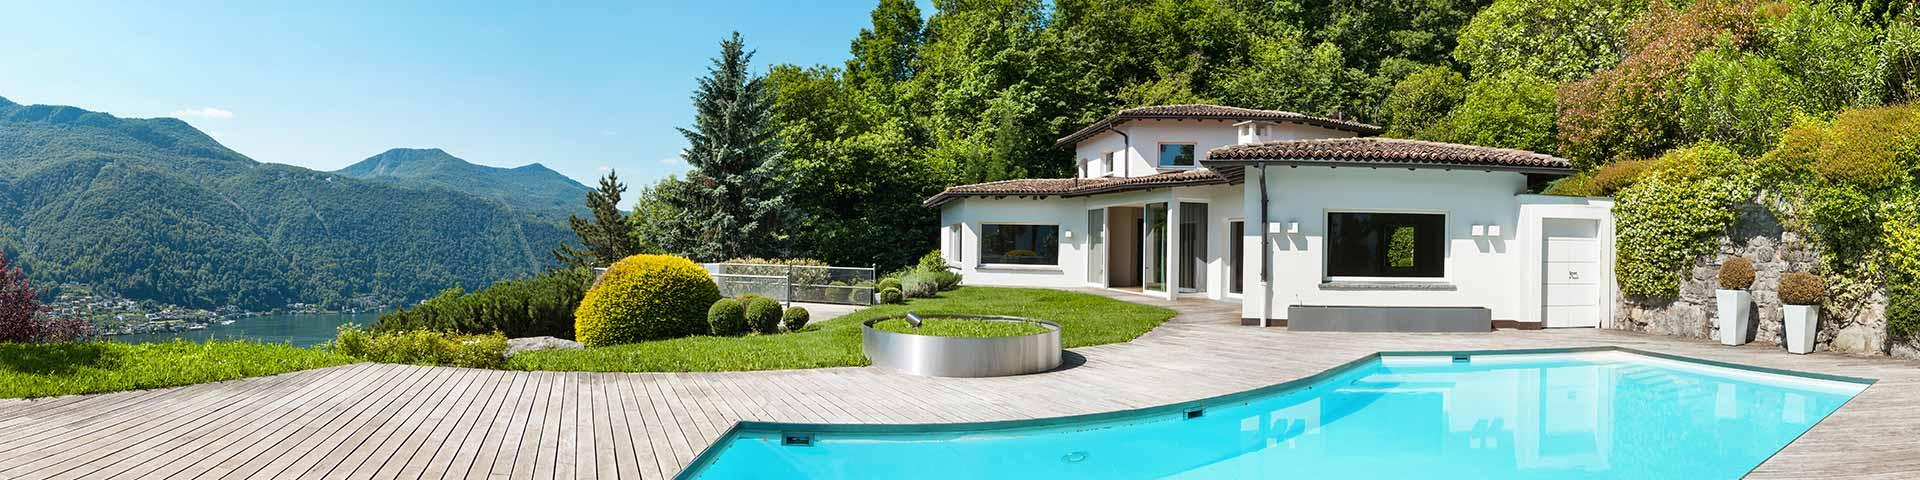 Réservez Votre Villa Ou Maison Pour Vos Vacances avec Location Maison Espagne Avec Piscine Pas Cher